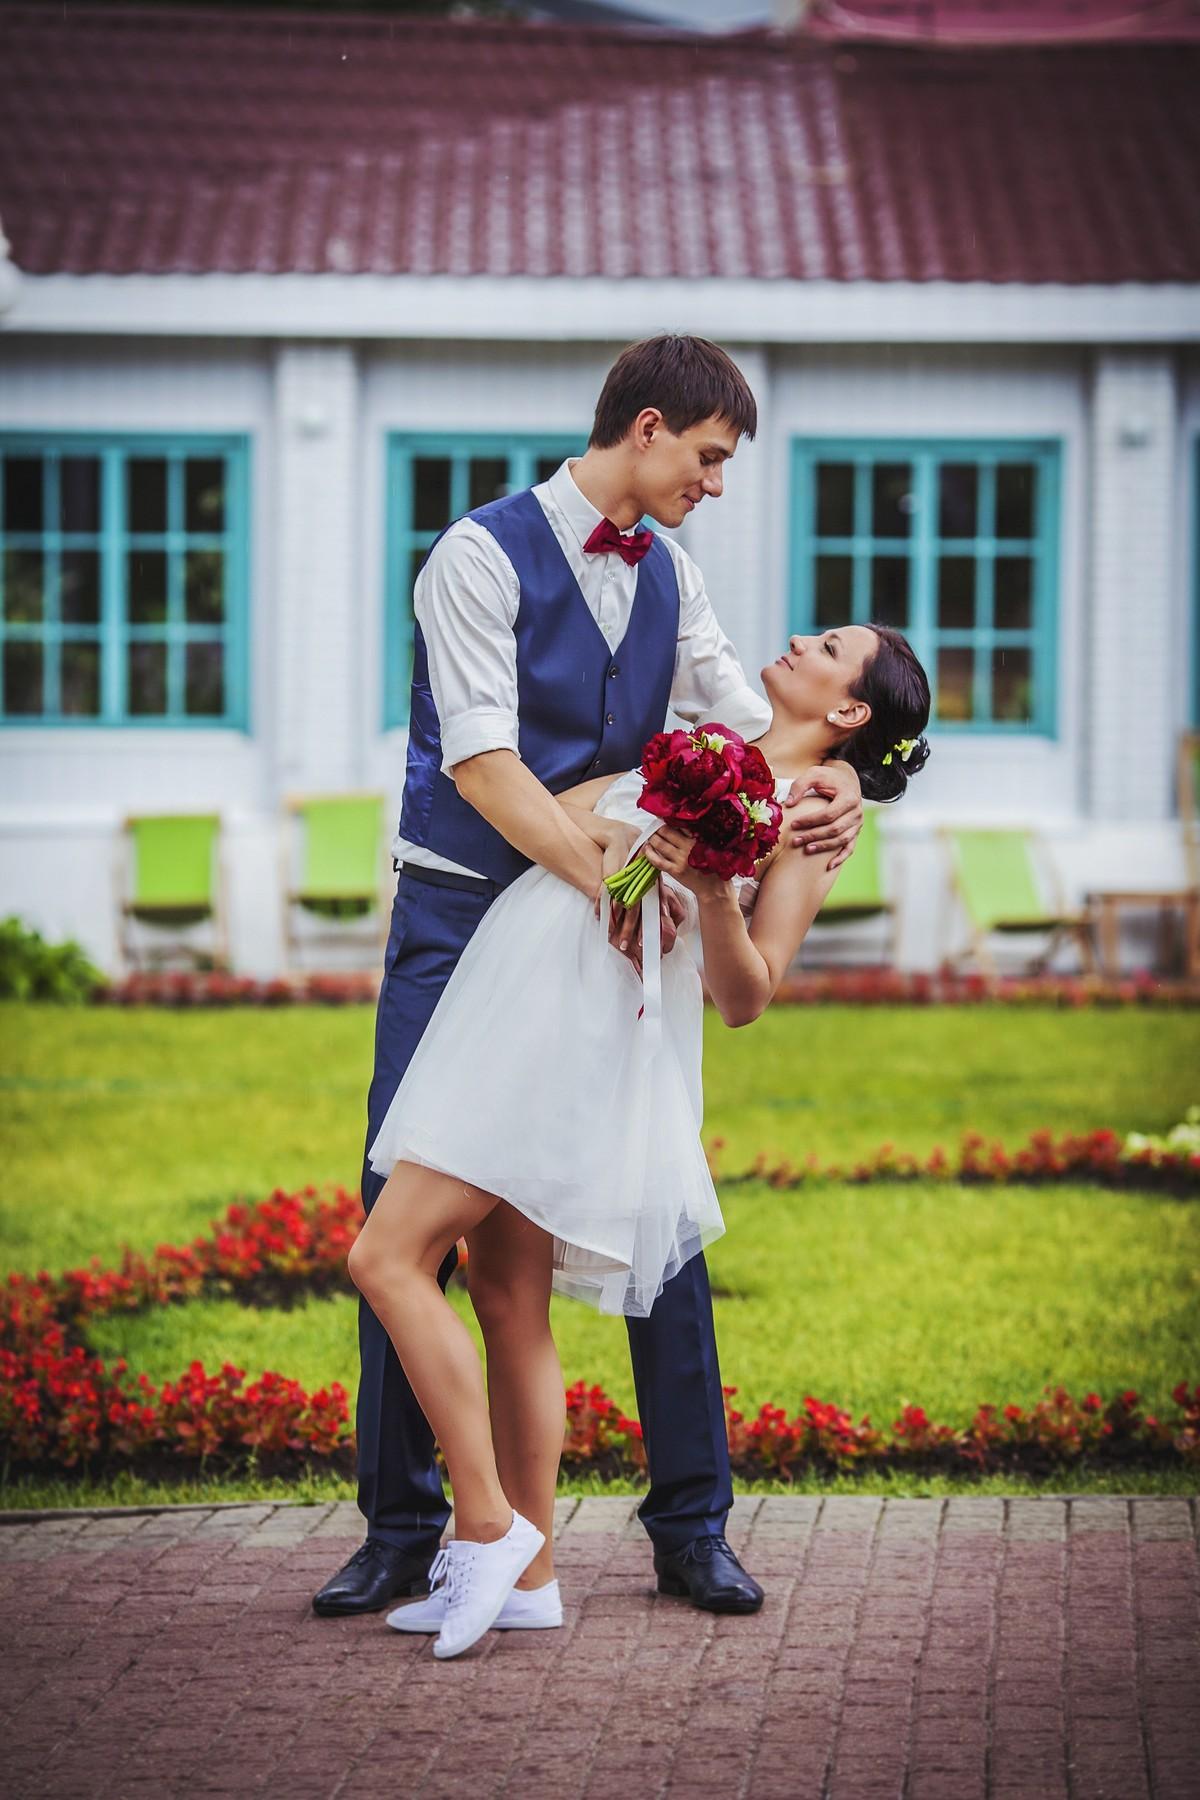 Невесты стремятся выбрать не только красивое, но и необычное место для свадебной прогулки. Все хотят иметь свадебные фотографии ни как у всех